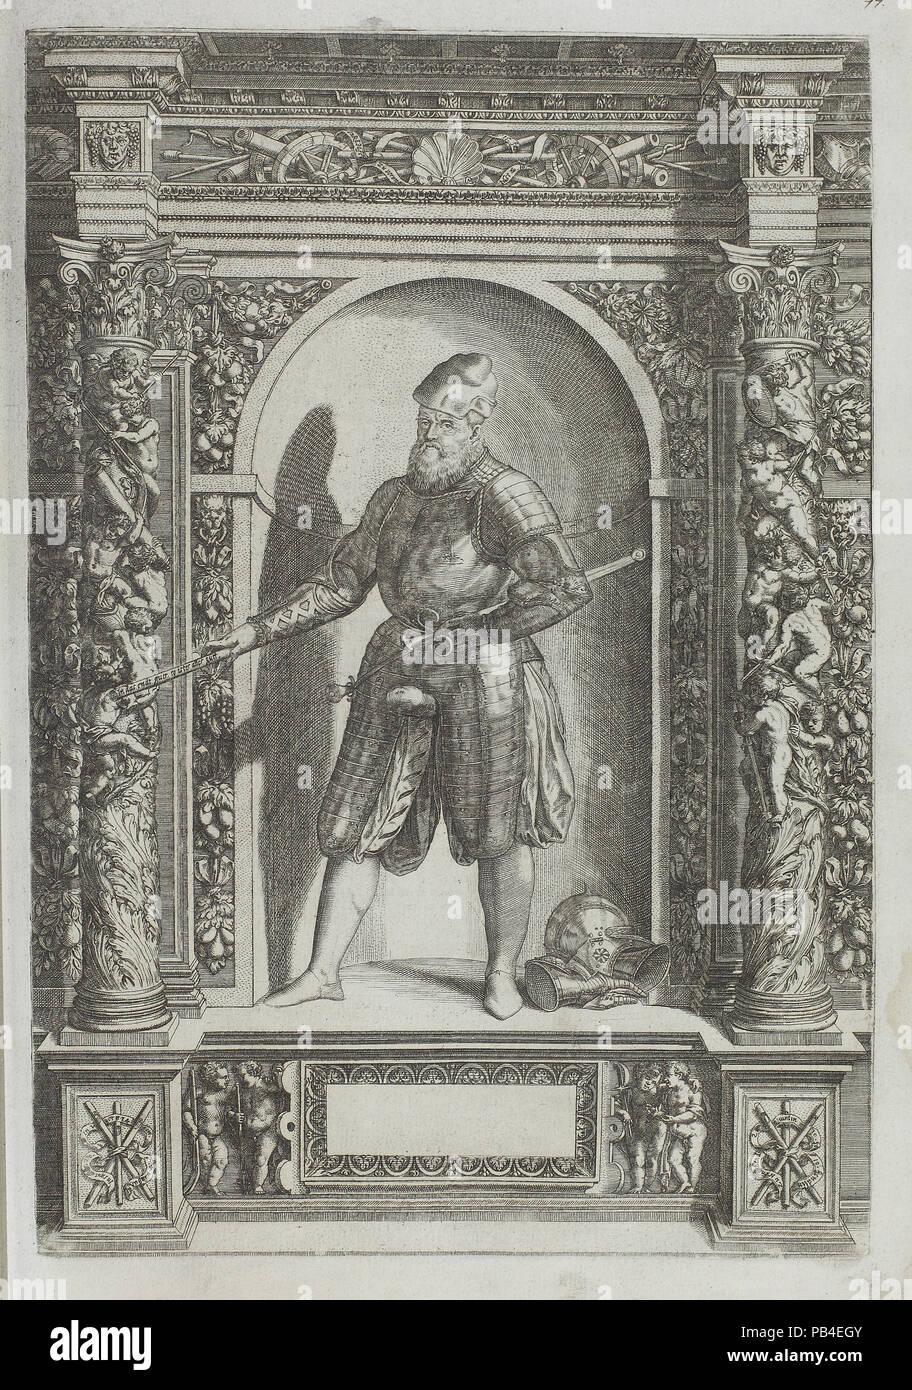 Plate 77 from Augustissimorium Imperatorum Regum - Stock Image